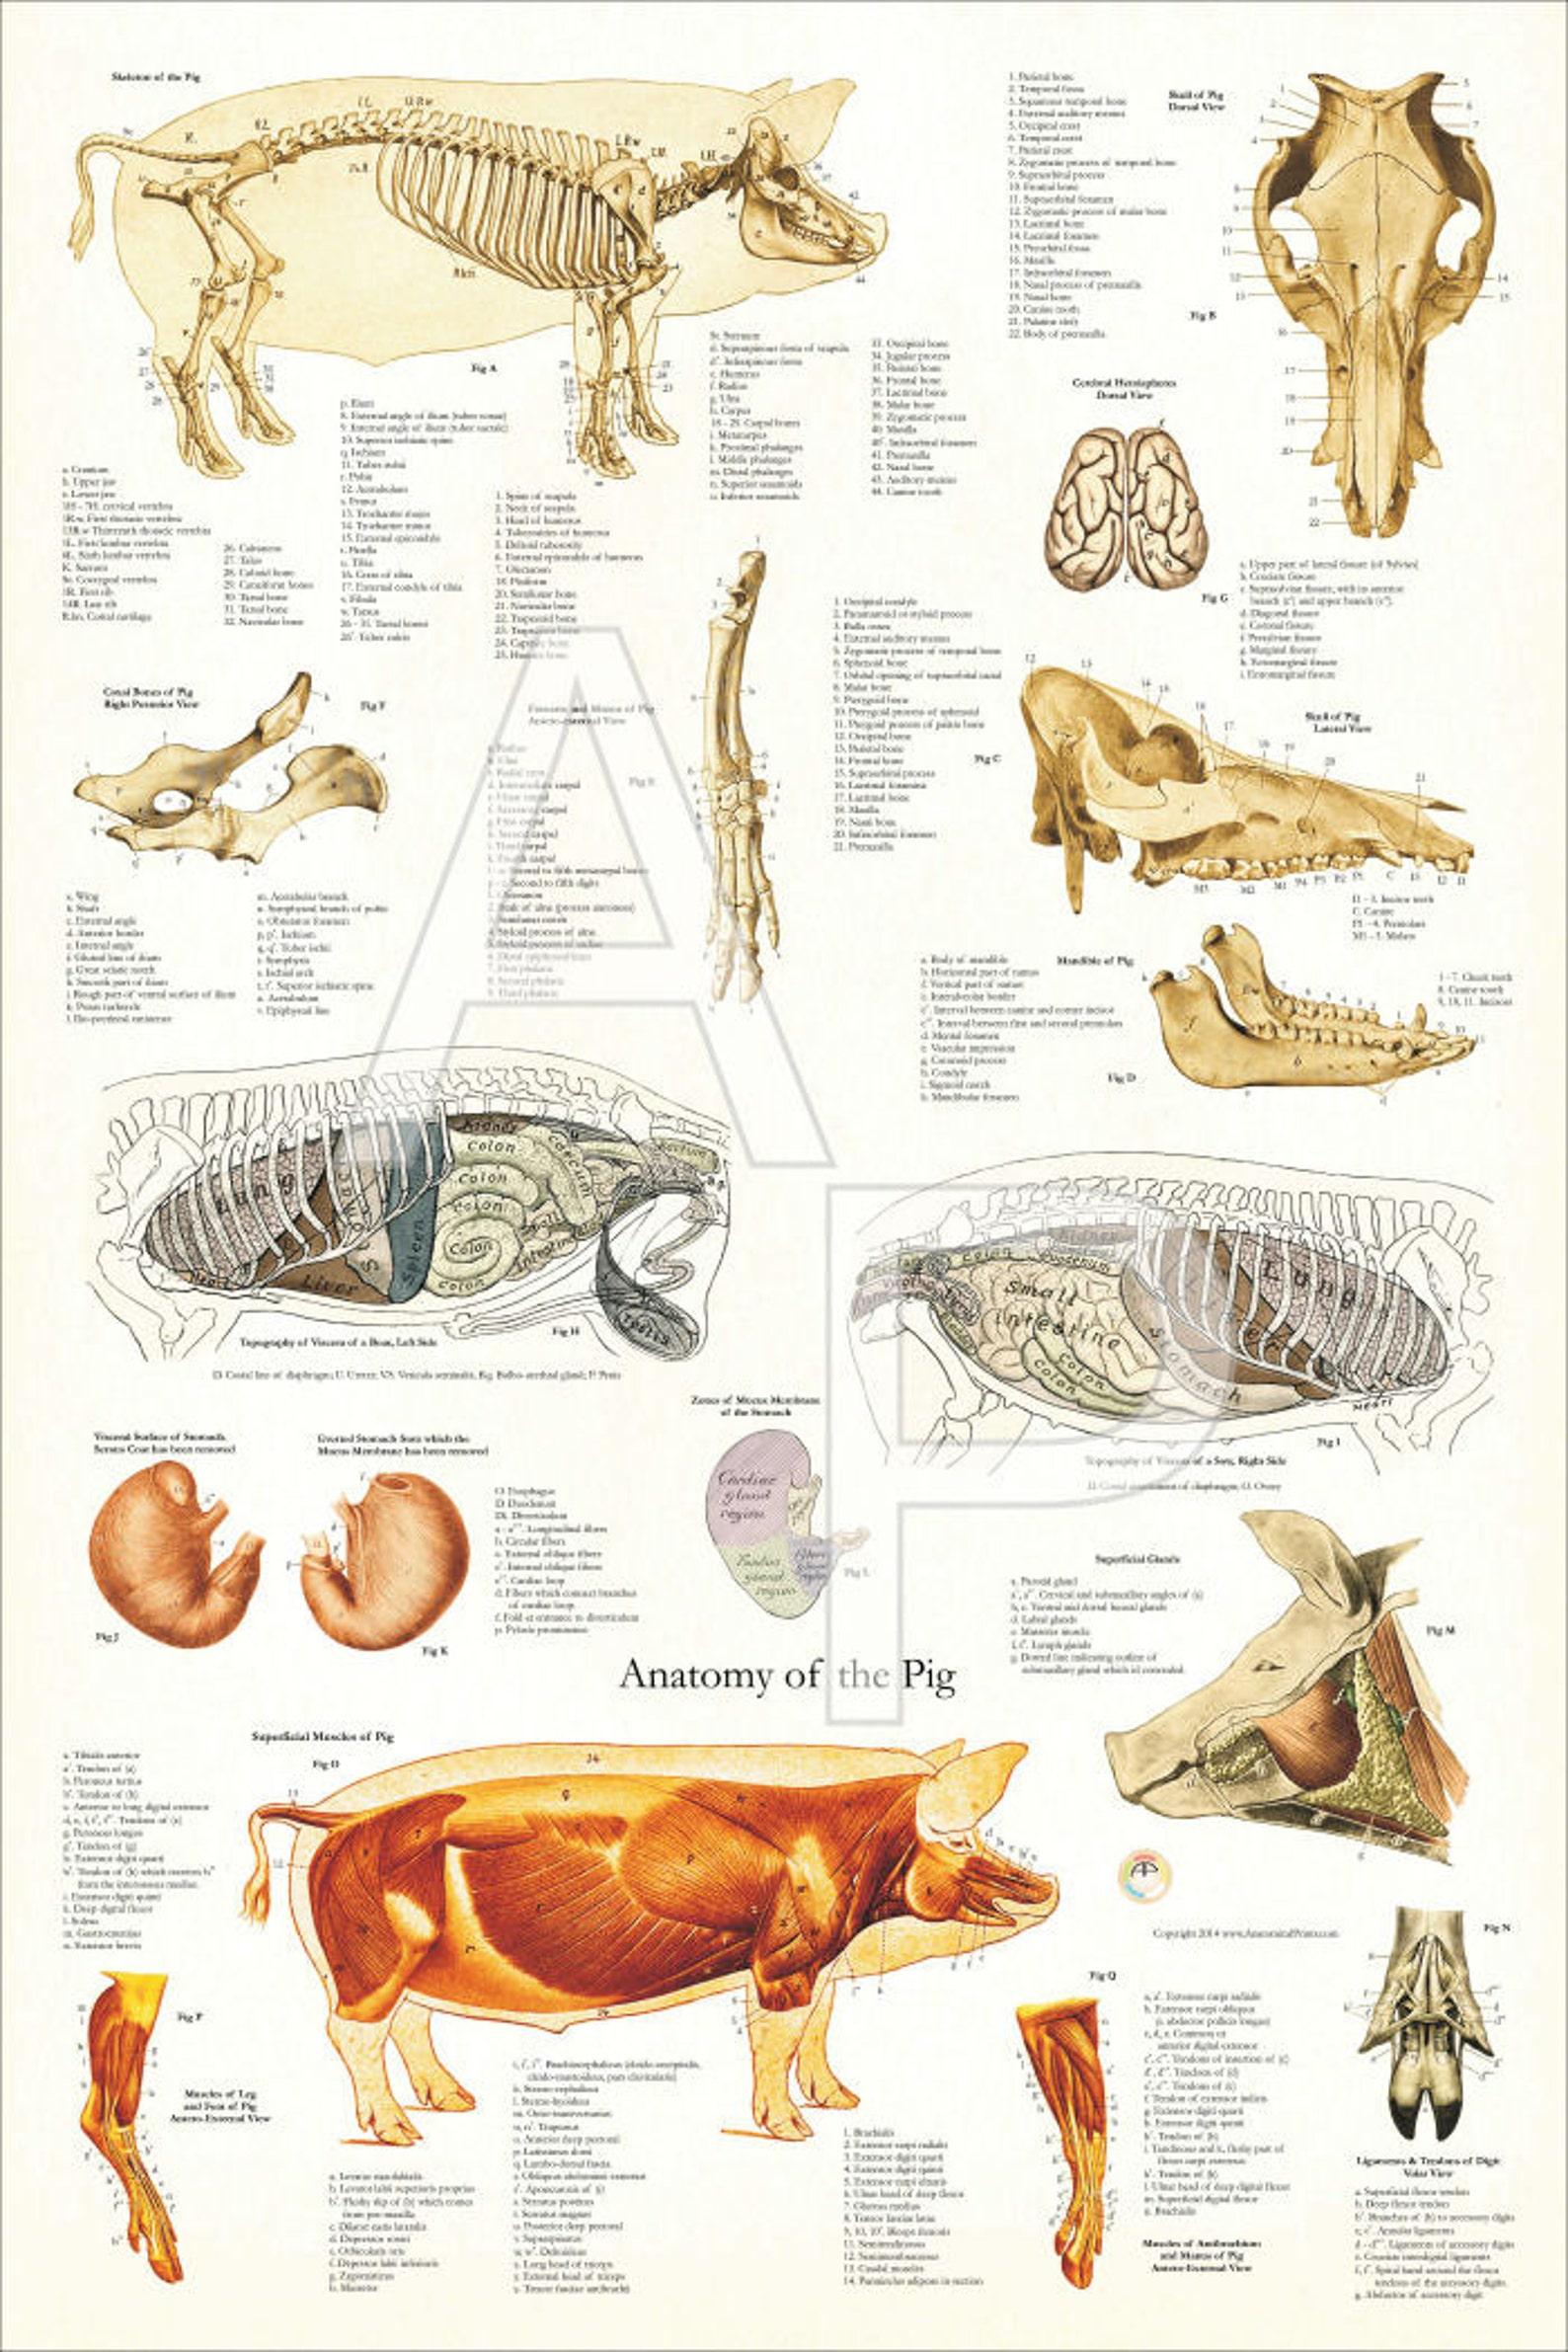 анатомический атлас животных в картинках всех оригинальными интересными